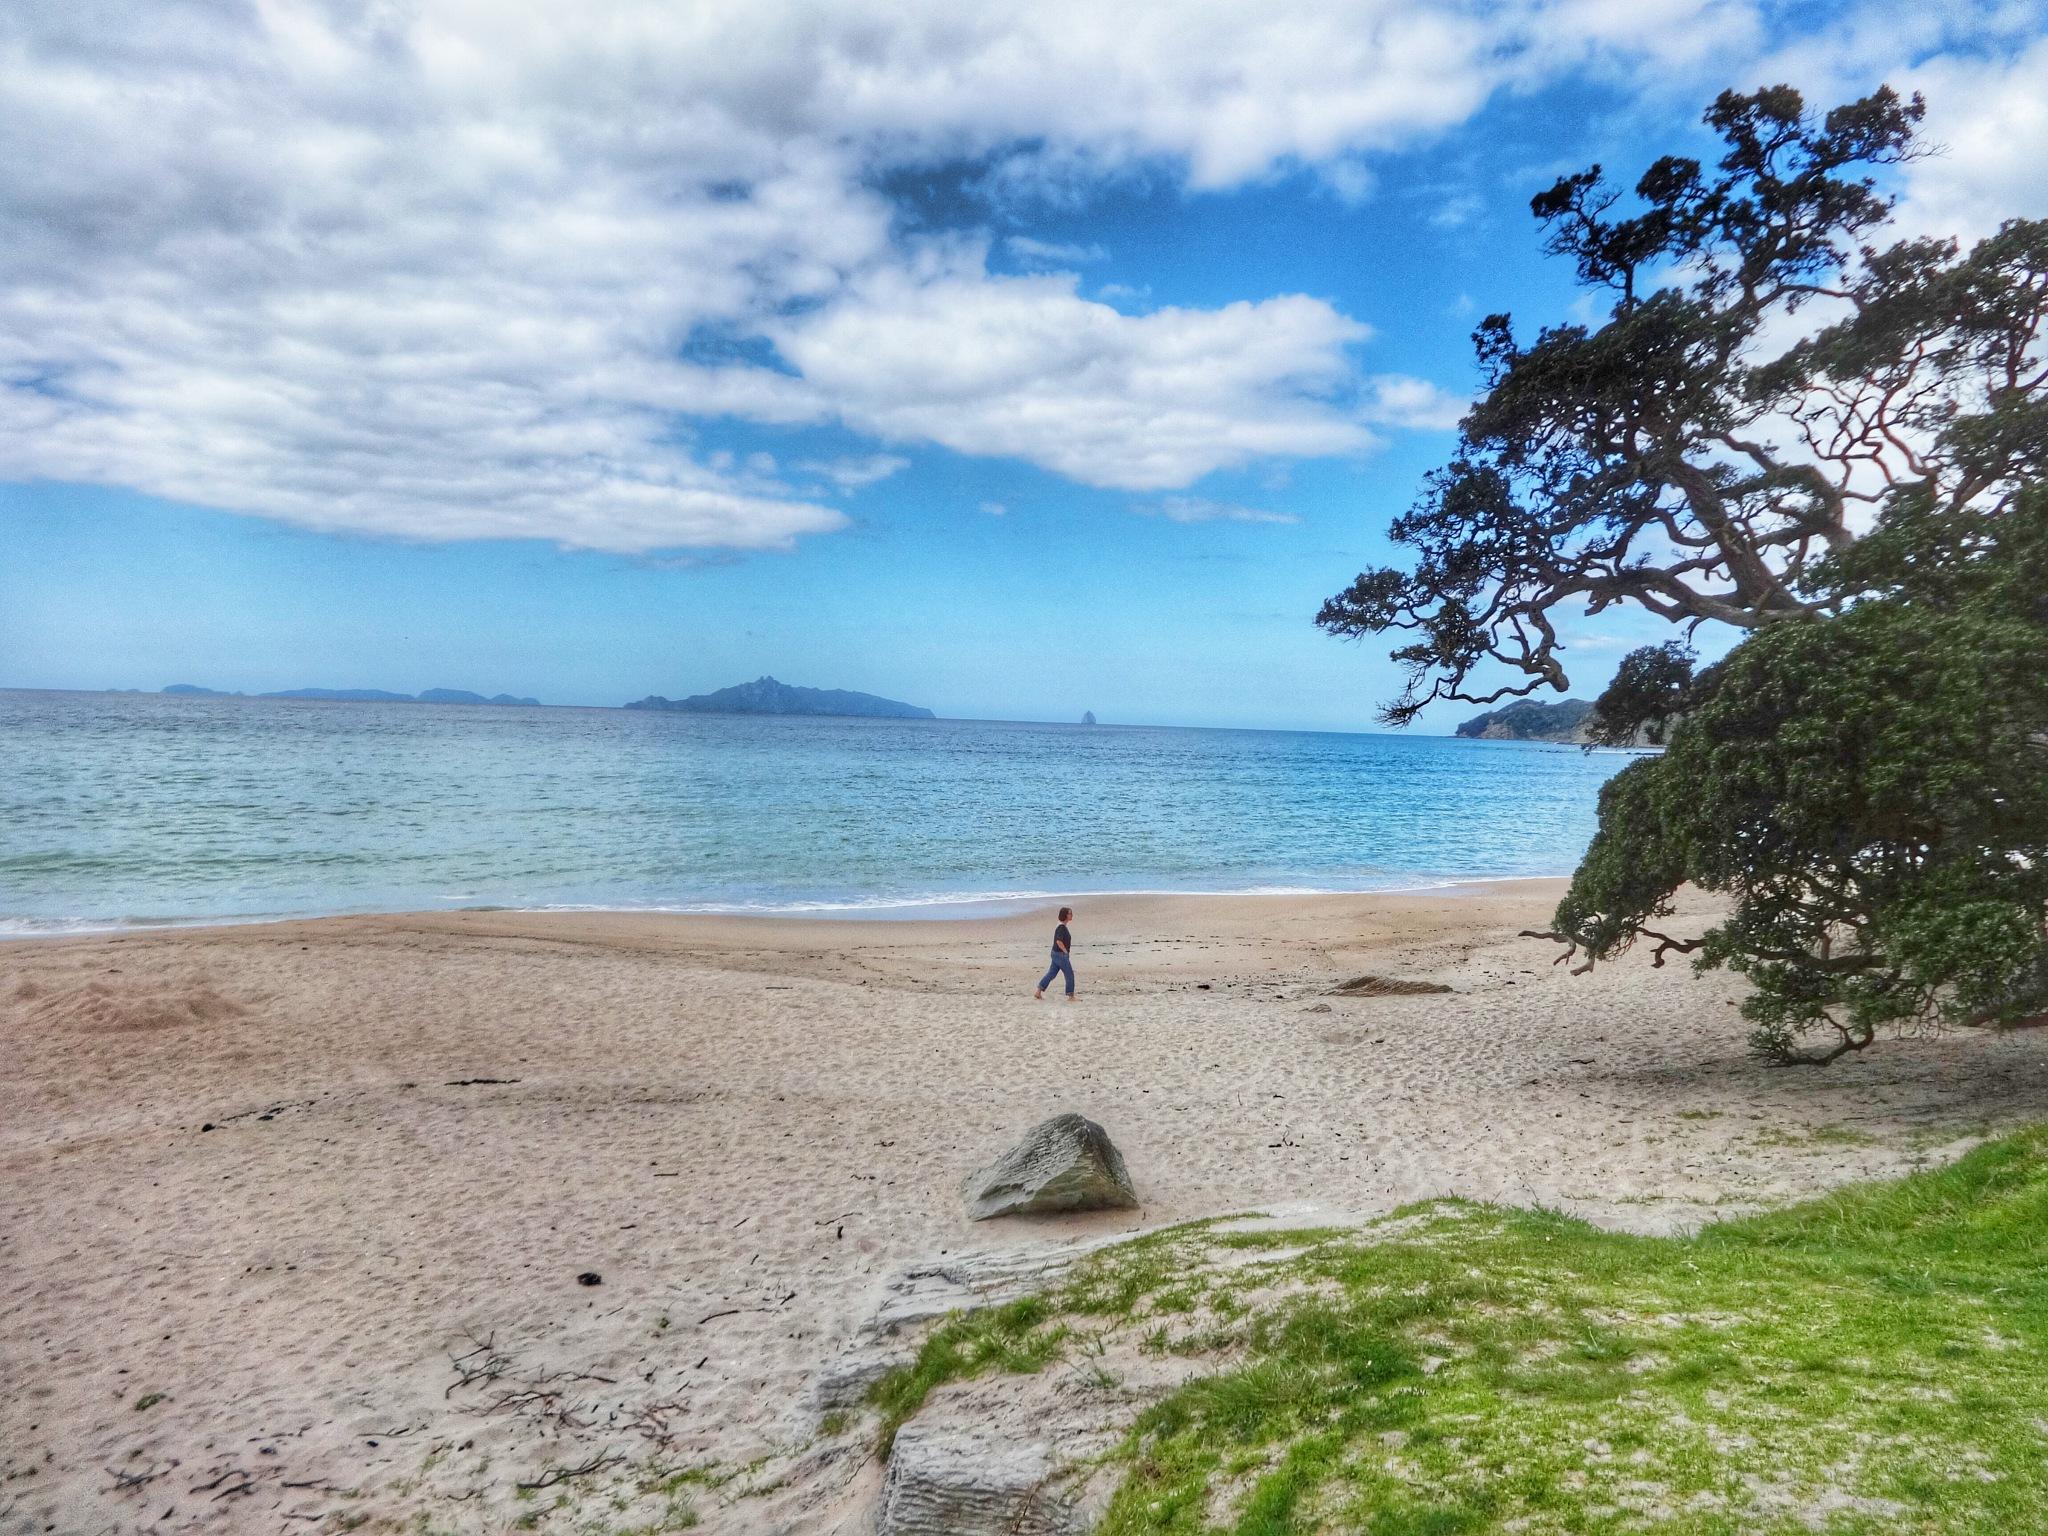 beach scene by noerpel